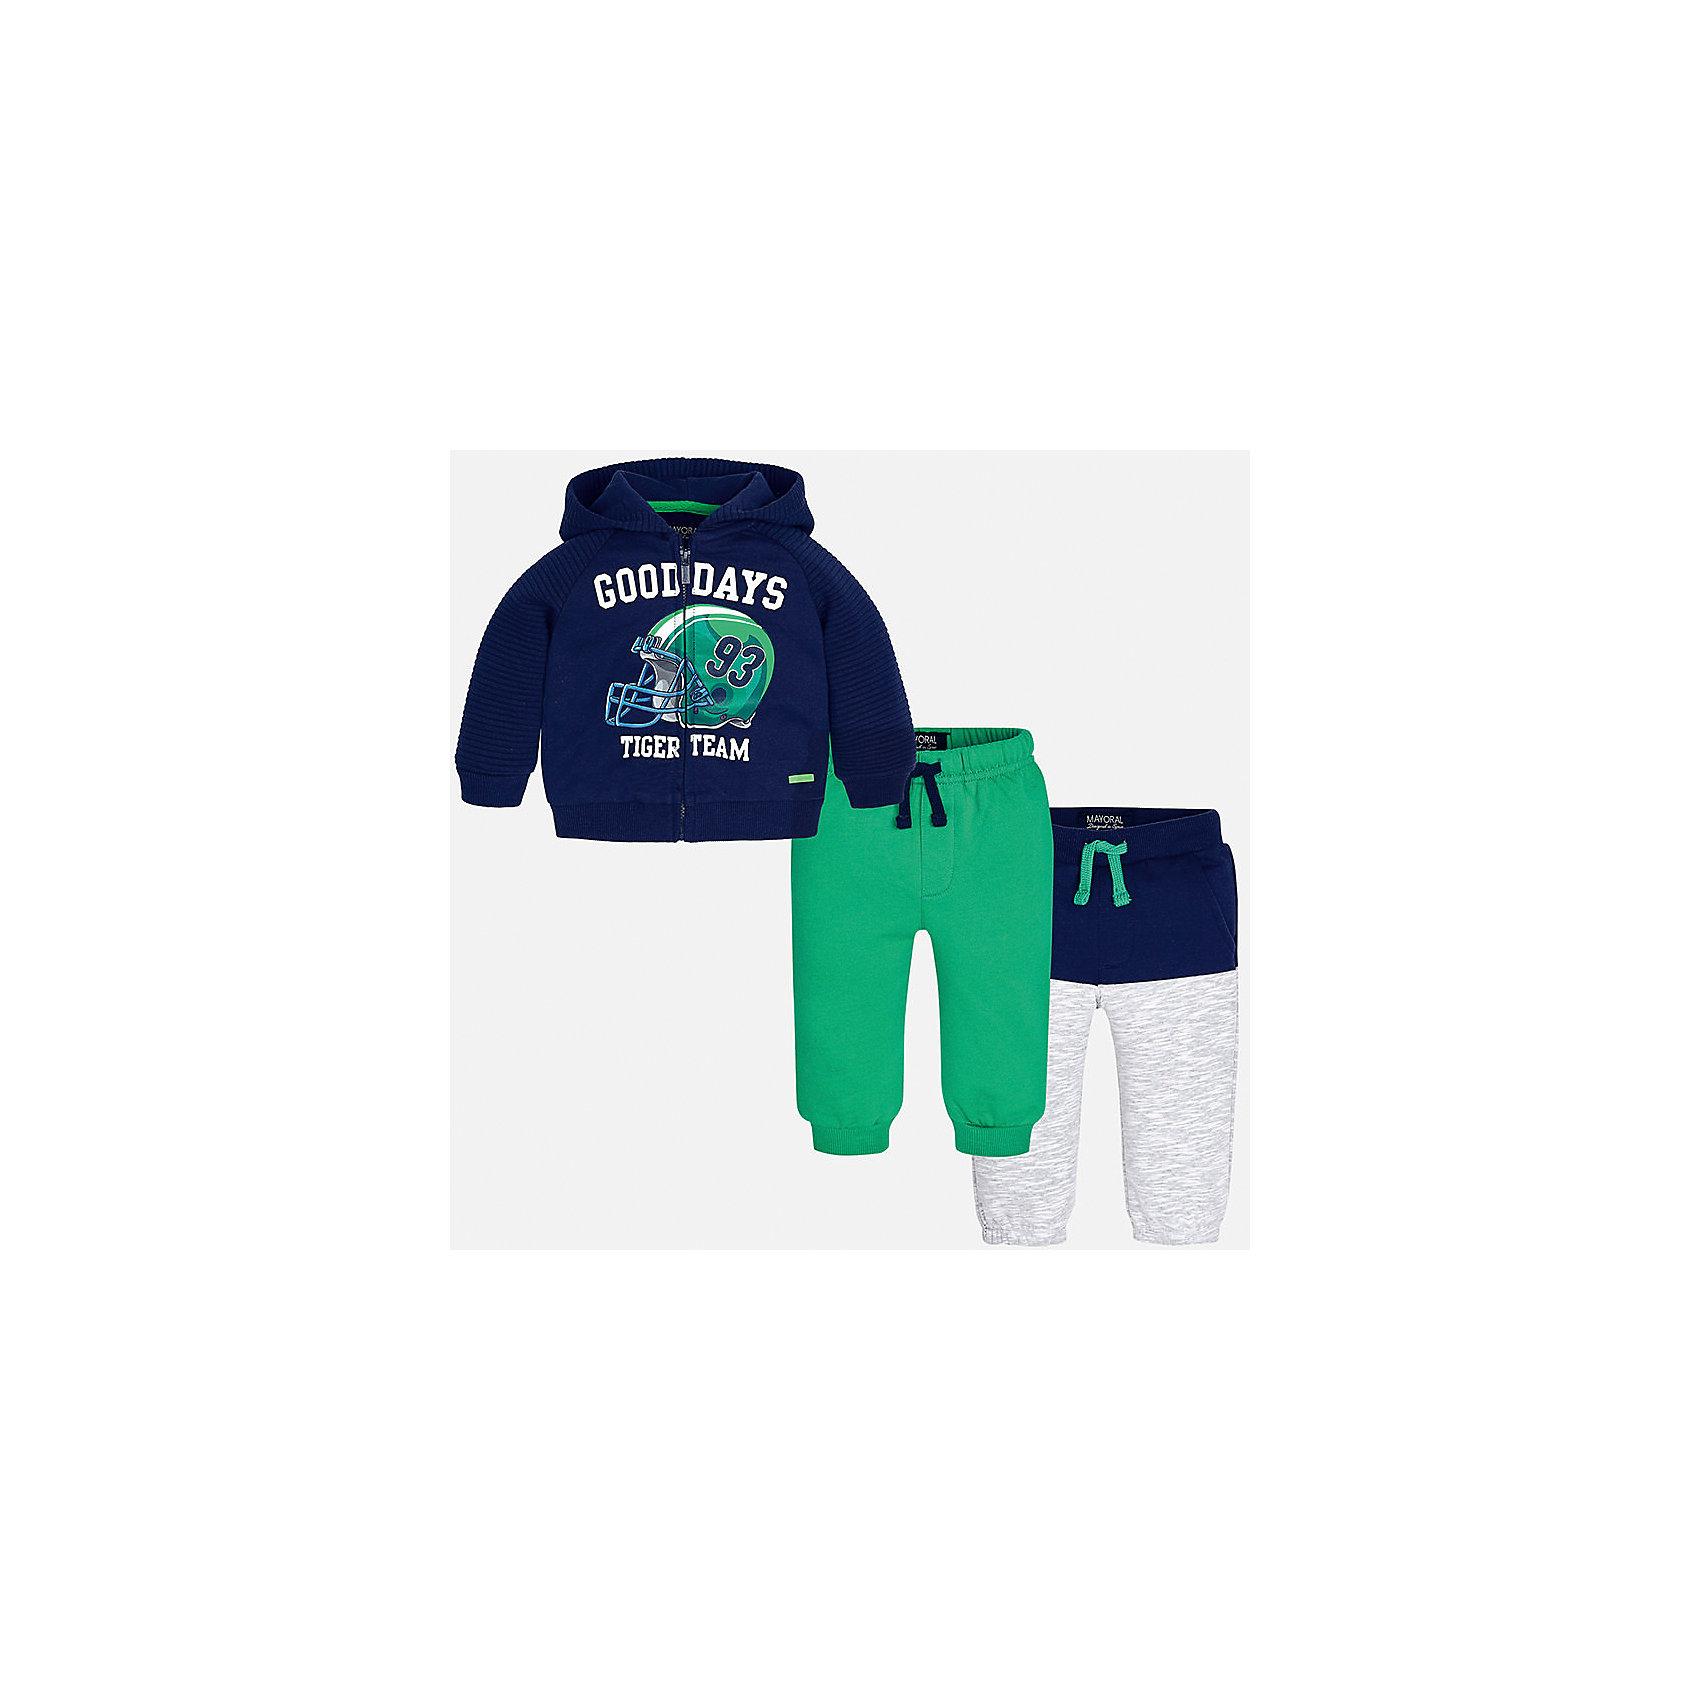 Спортивный костюм для мальчика MayoralКомплекты<br>Характеристики товара:<br><br>• цвет: синий/зеленый/серый;<br>• состав ткани: 60% хлопок, 40% полиэстер;<br>• комплект: толстовка, брюки - 2 шт.;<br>• сезон: демисезон;<br>• страна бренда: Испания;<br>• страна изготовитель:Китай.<br><br>Спортивный костюм для мальчика от популярного бренда Mayoral. Теплый спортивный костюм дополнен дополнительными брюками с манжетами, пояс на резинке с кулиской. Толстовка на молнии с аппликацией и  капюшоном, с уплотненной резинкой на талии для хорошей фиксации и воздухопроницаемости.  Спортивный костюм - отличный выбор для прогулок и активного отдыха, а также для  спортивных занятий в школе.<br><br>В одежде от испанской компании Майорал ребенок будет выглядеть модно, а чувствовать себя - комфортно. <br><br>Спортивный костюм для  мальчика Mayoral (Майорал) можно купить в нашем интернет-магазине.<br><br>Ширина мм: 247<br>Глубина мм: 16<br>Высота мм: 140<br>Вес г: 225<br>Цвет: зеленый<br>Возраст от месяцев: 6<br>Возраст до месяцев: 9<br>Пол: Мужской<br>Возраст: Детский<br>Размер: 74,98,92,86,80<br>SKU: 6932272